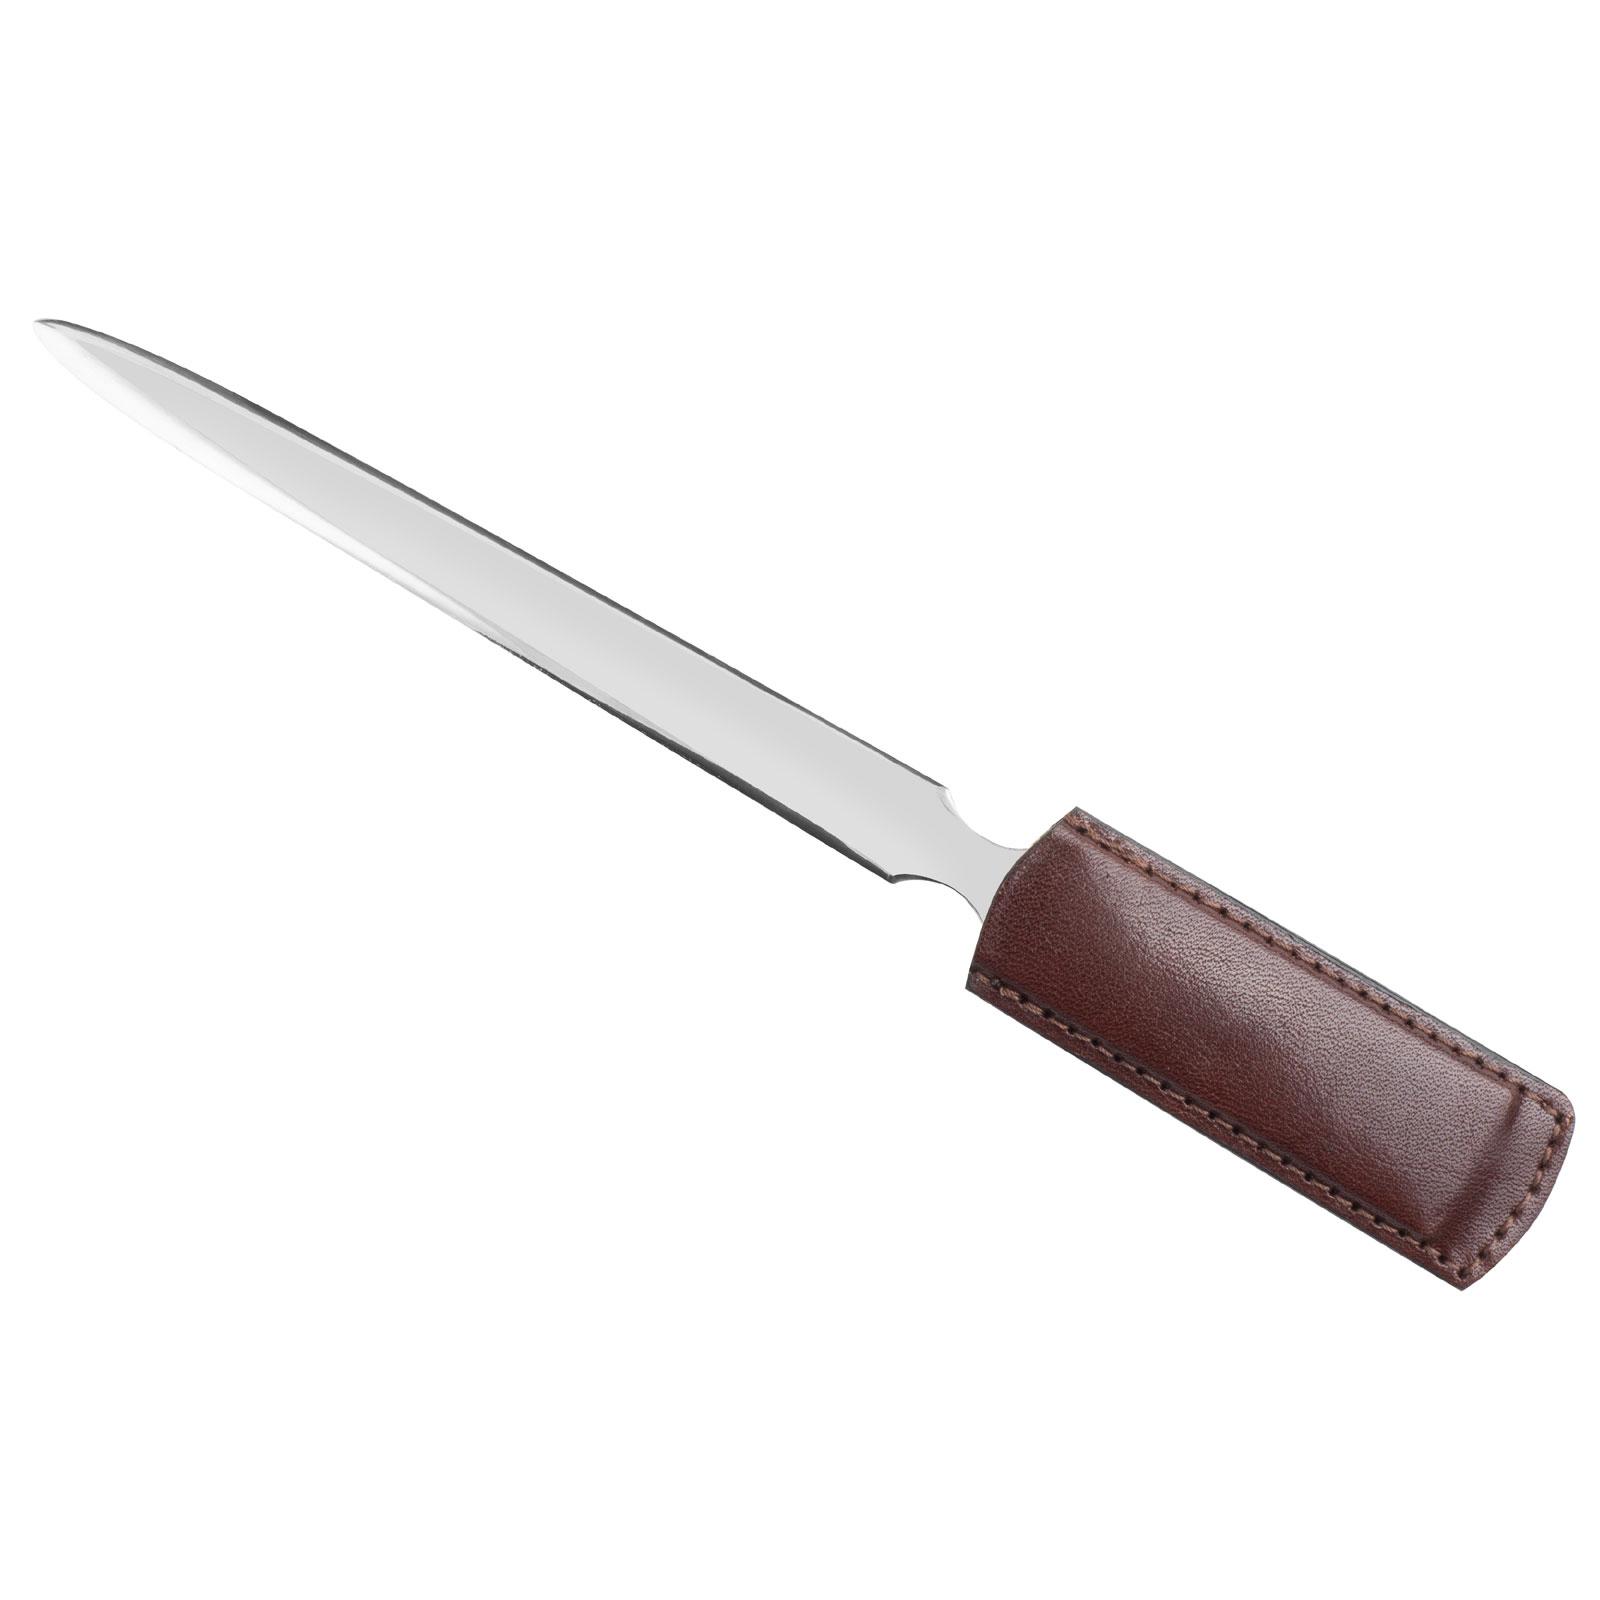 Nůž na dopisy ADK Oxford hnědý